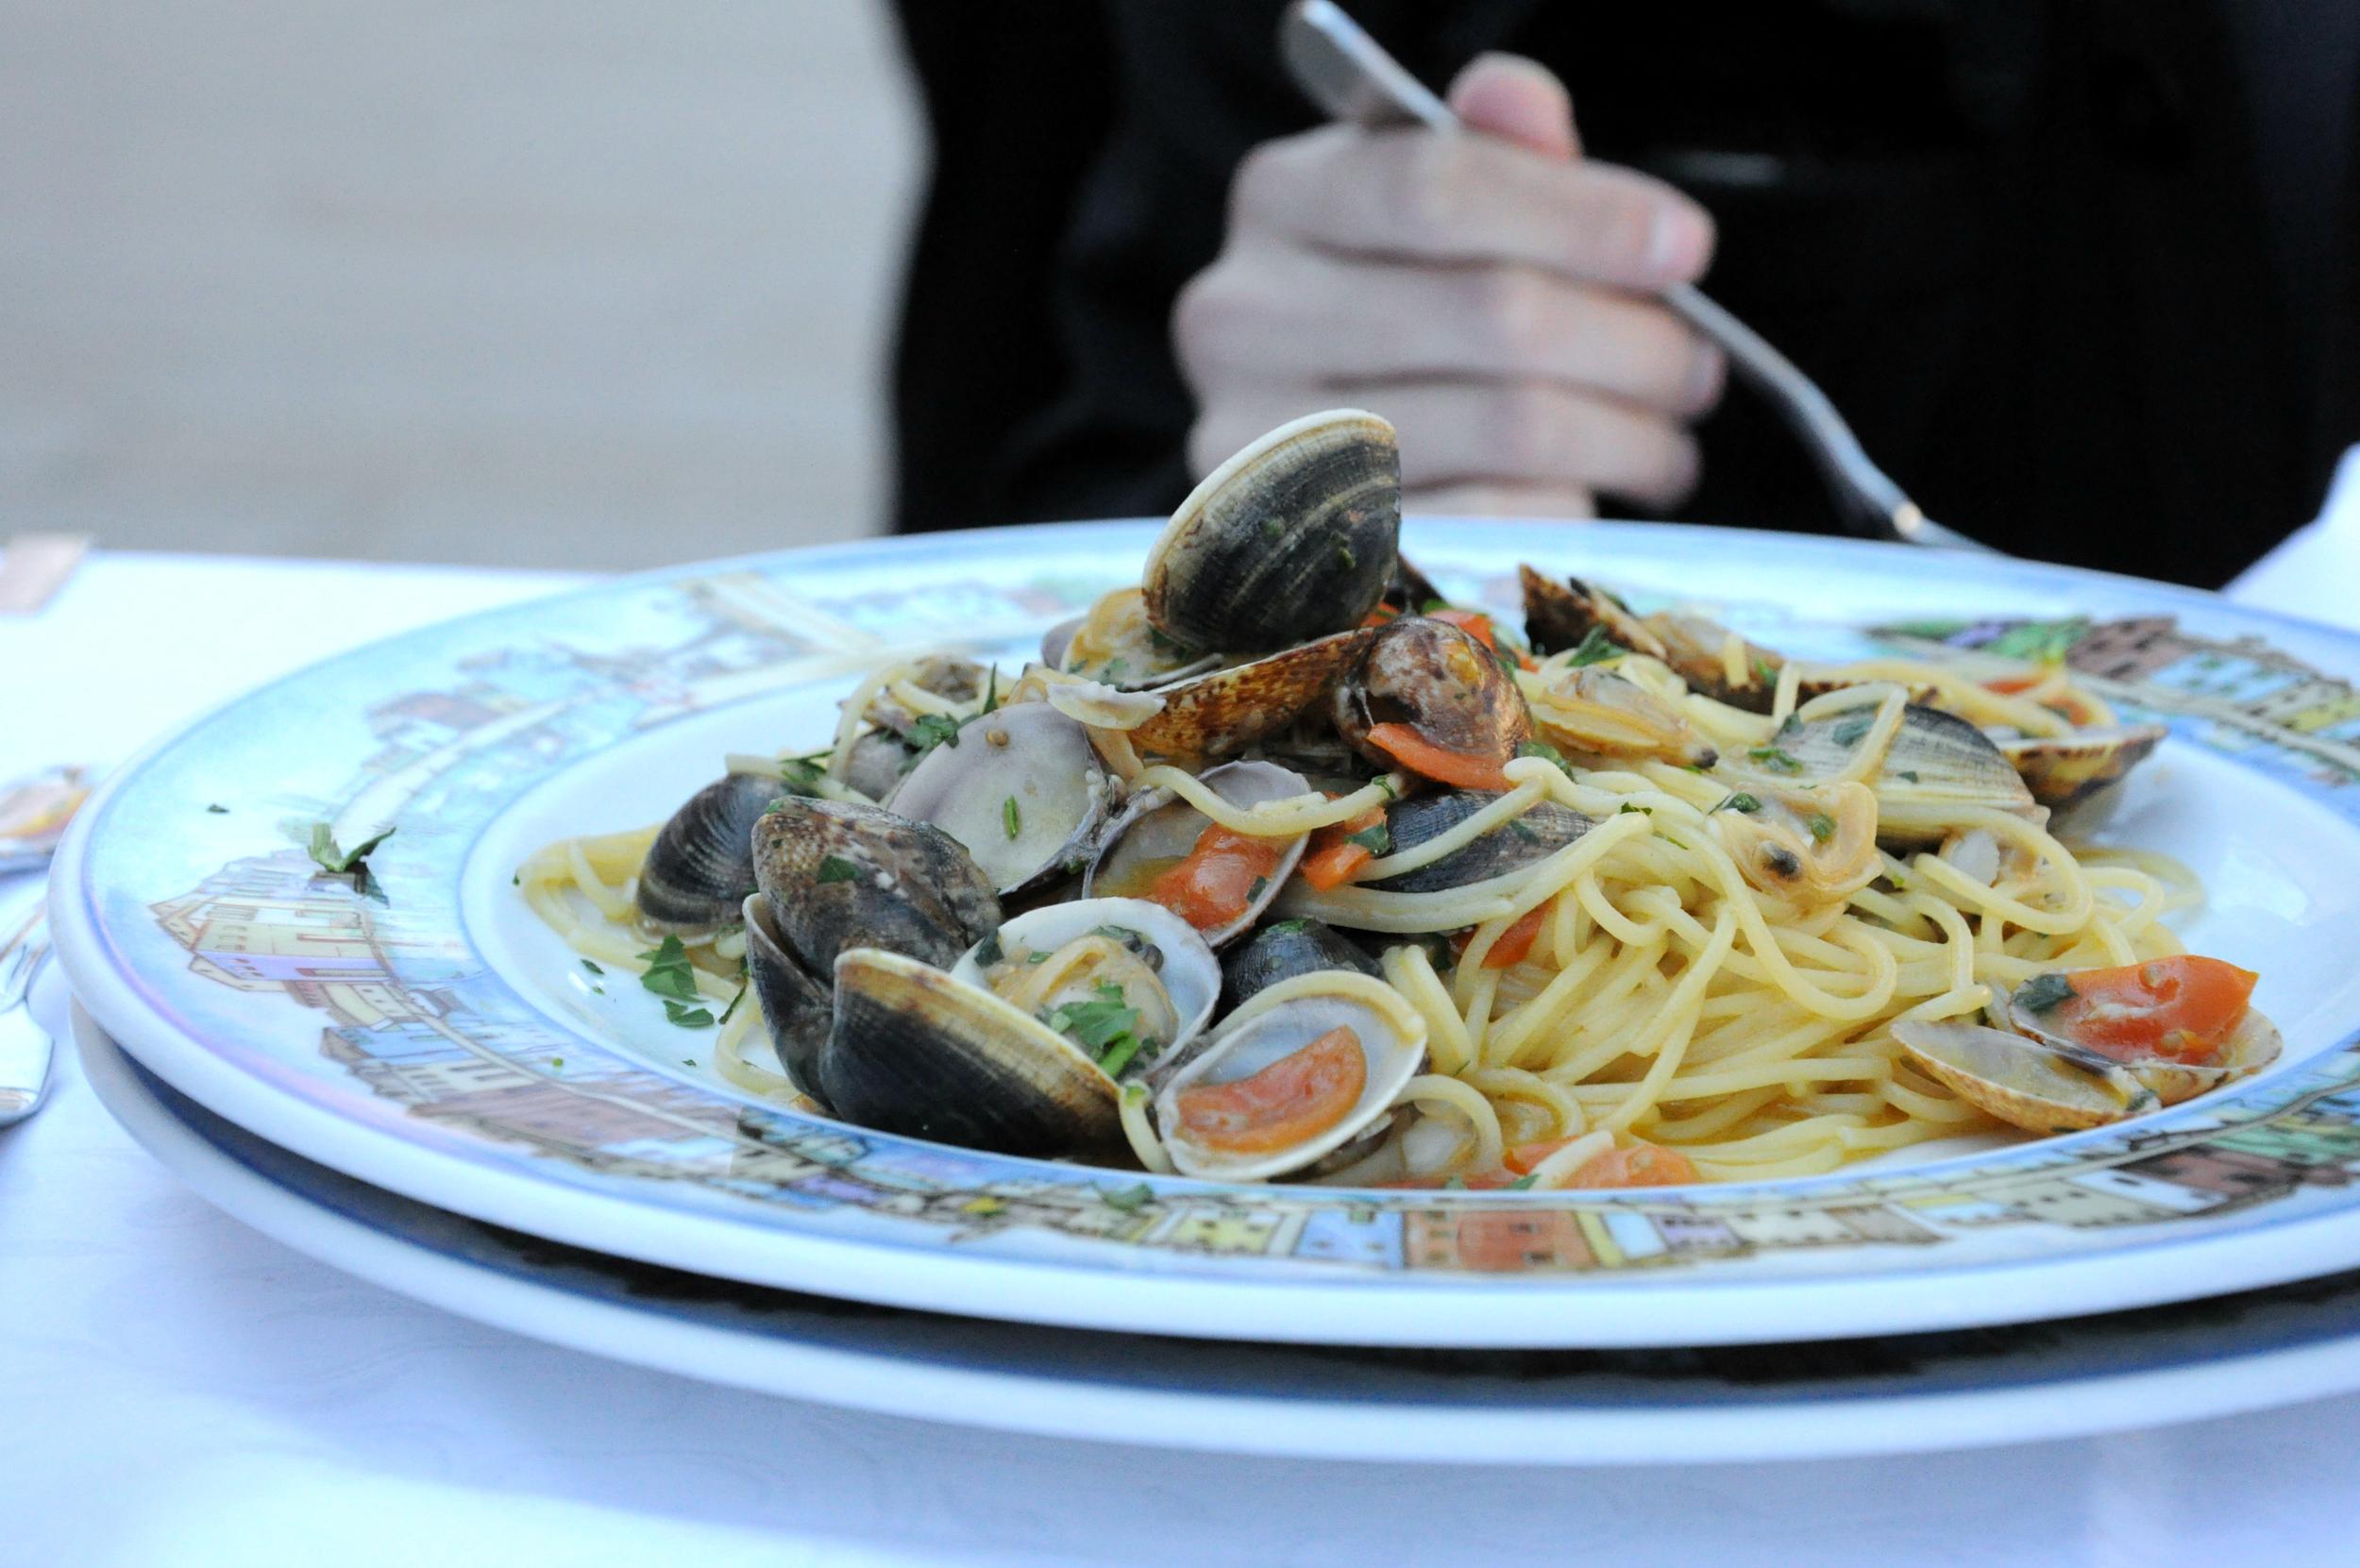 Spaghetti with clams at Trattoria al Gatto Nero